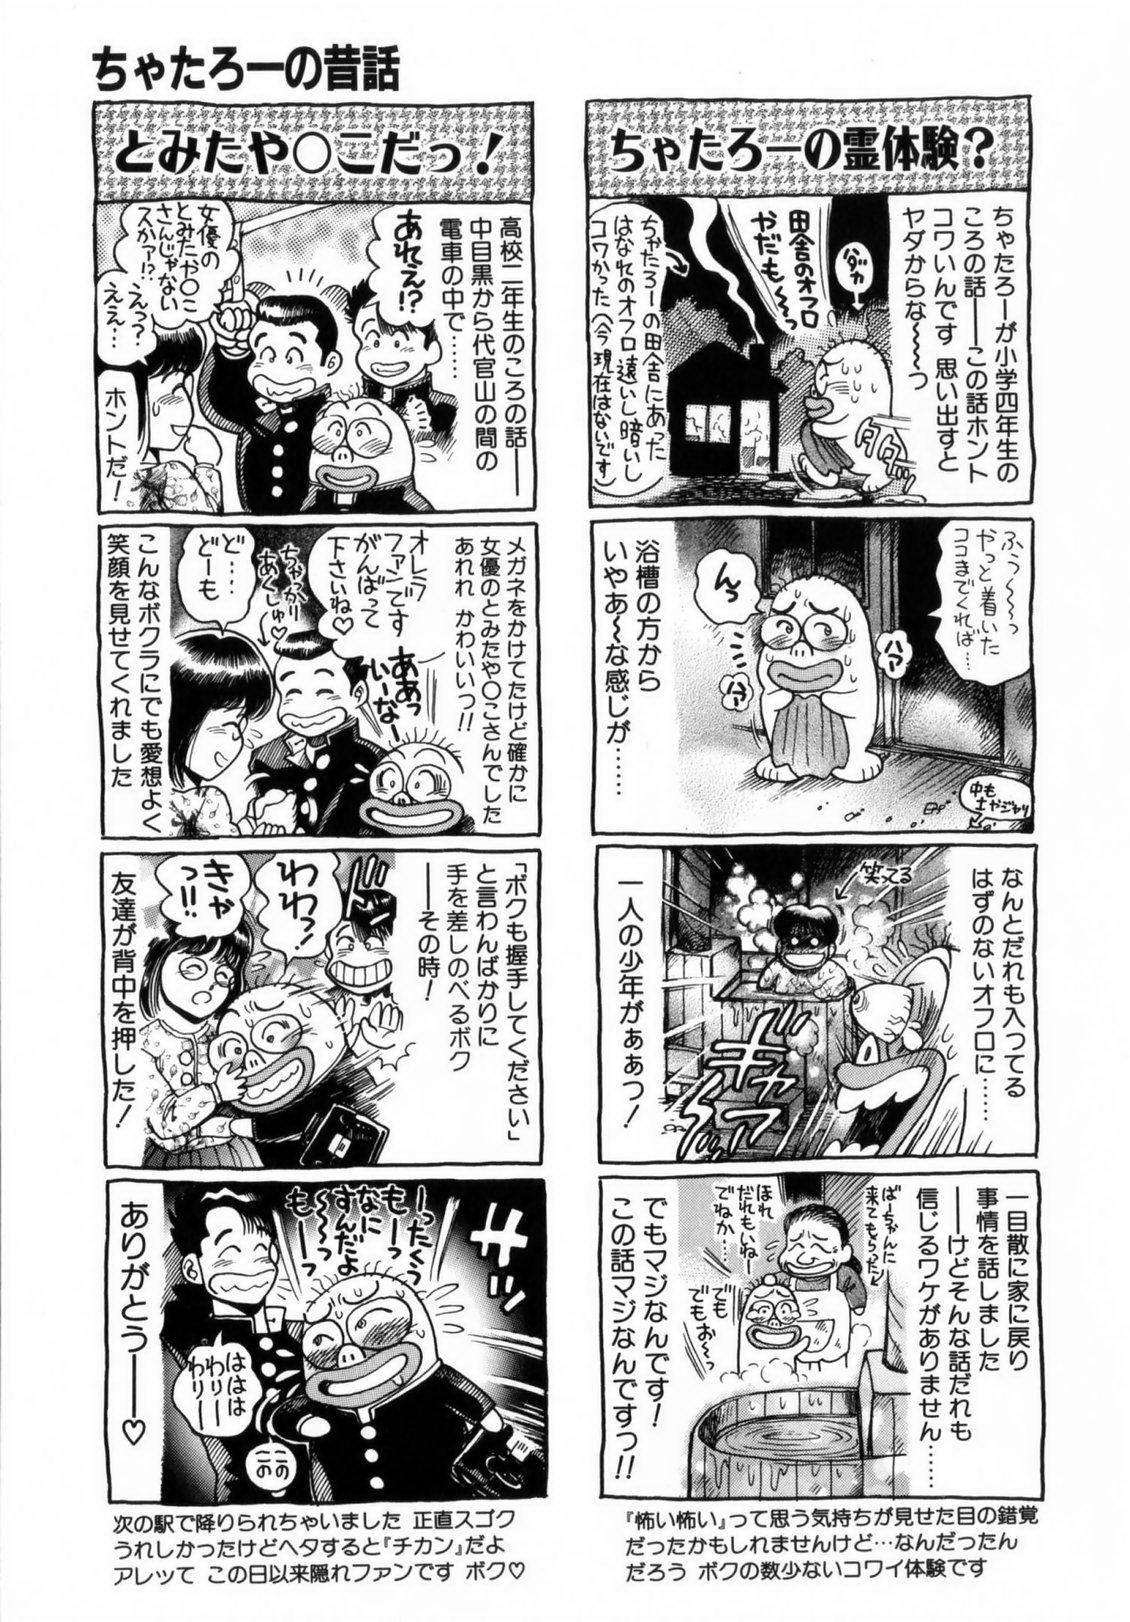 Koisuru Race Queen 207